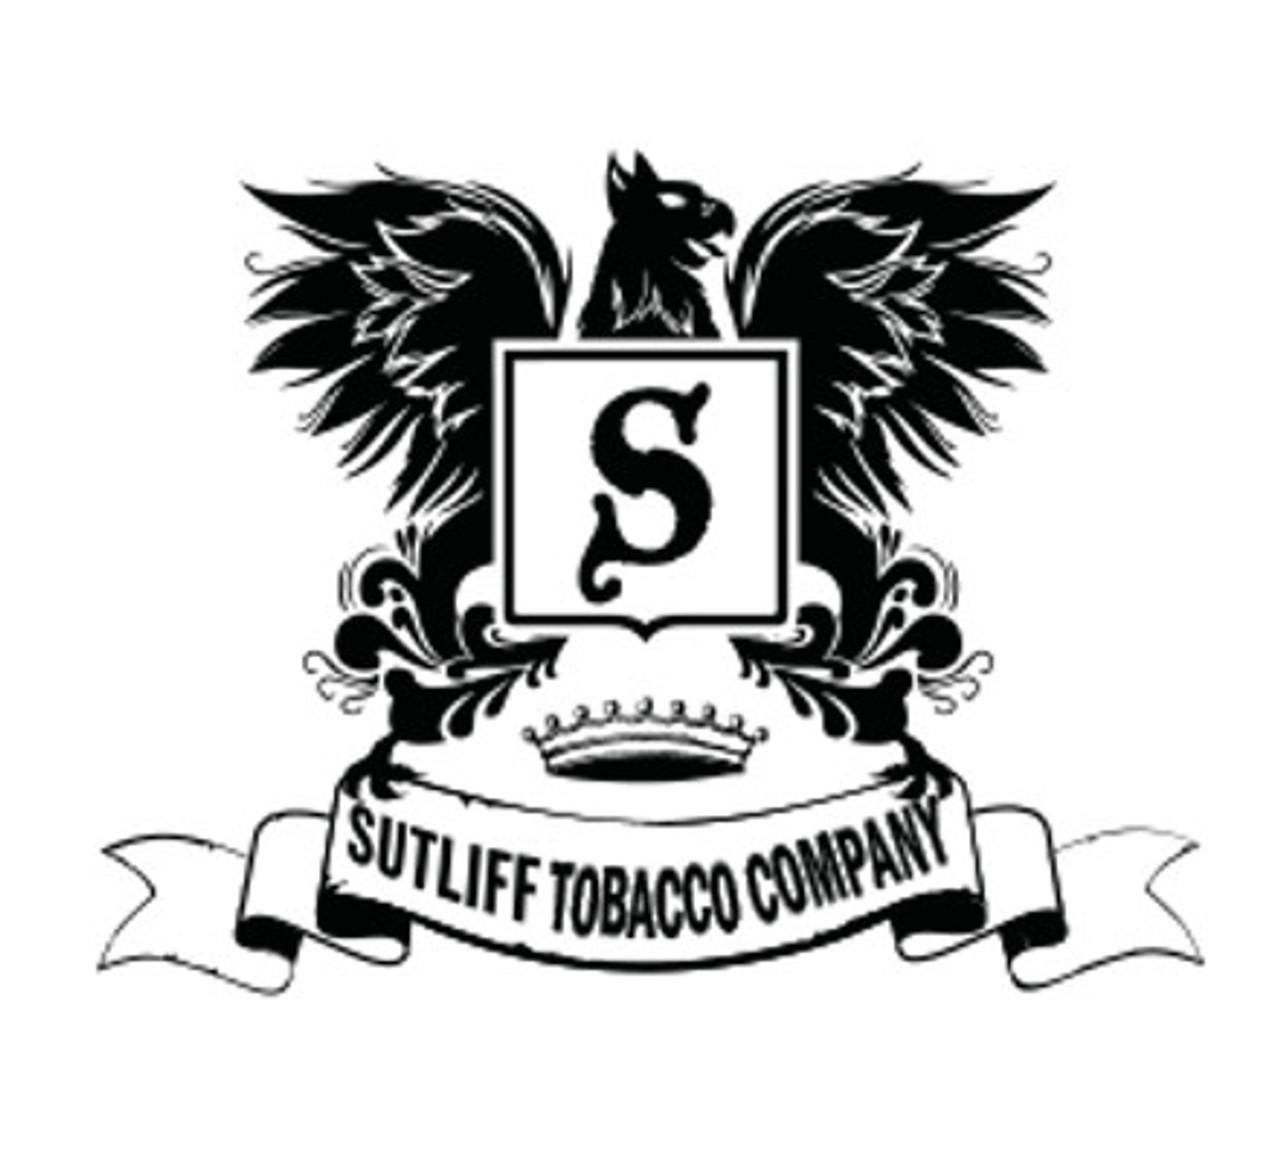 Sutliff 502 Medium English Bulk Pipe Tobacco 5 LB